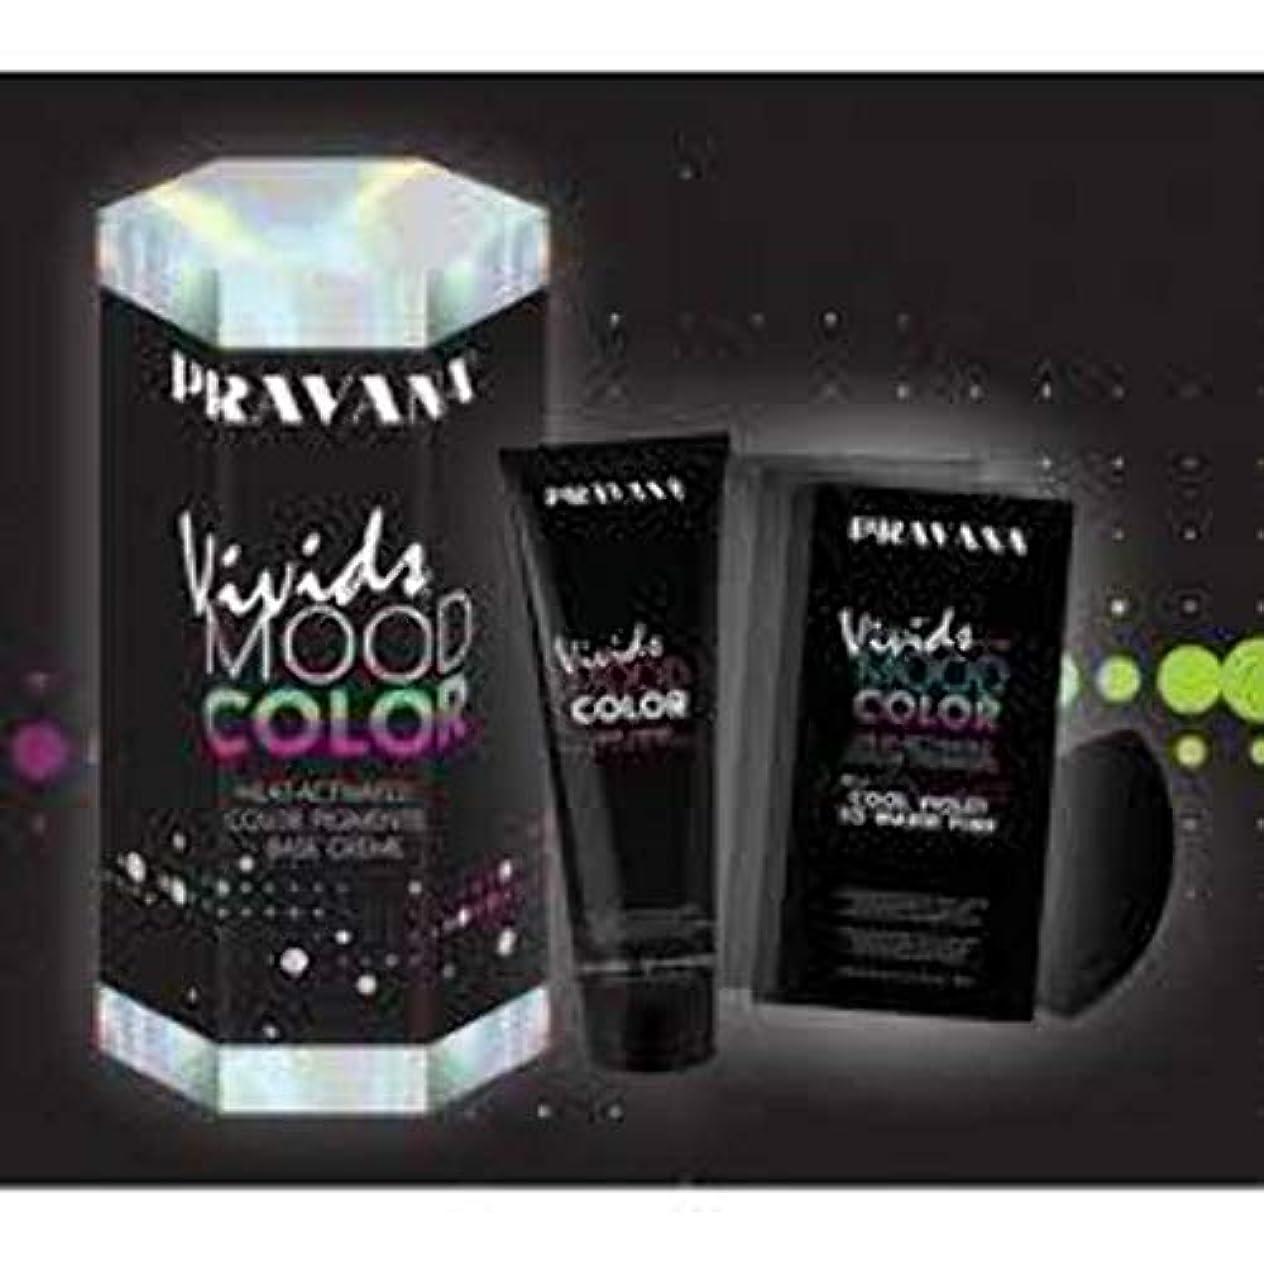 壁紙スポーツをする反抗PRAVANA プラヴァナ プラバナ ヴィヴィッドムードカラー VIVIDS MOOD COLOR ヘアカラー ヘアクリーム 温度によって色が変わるヘアカラー 1日だけ